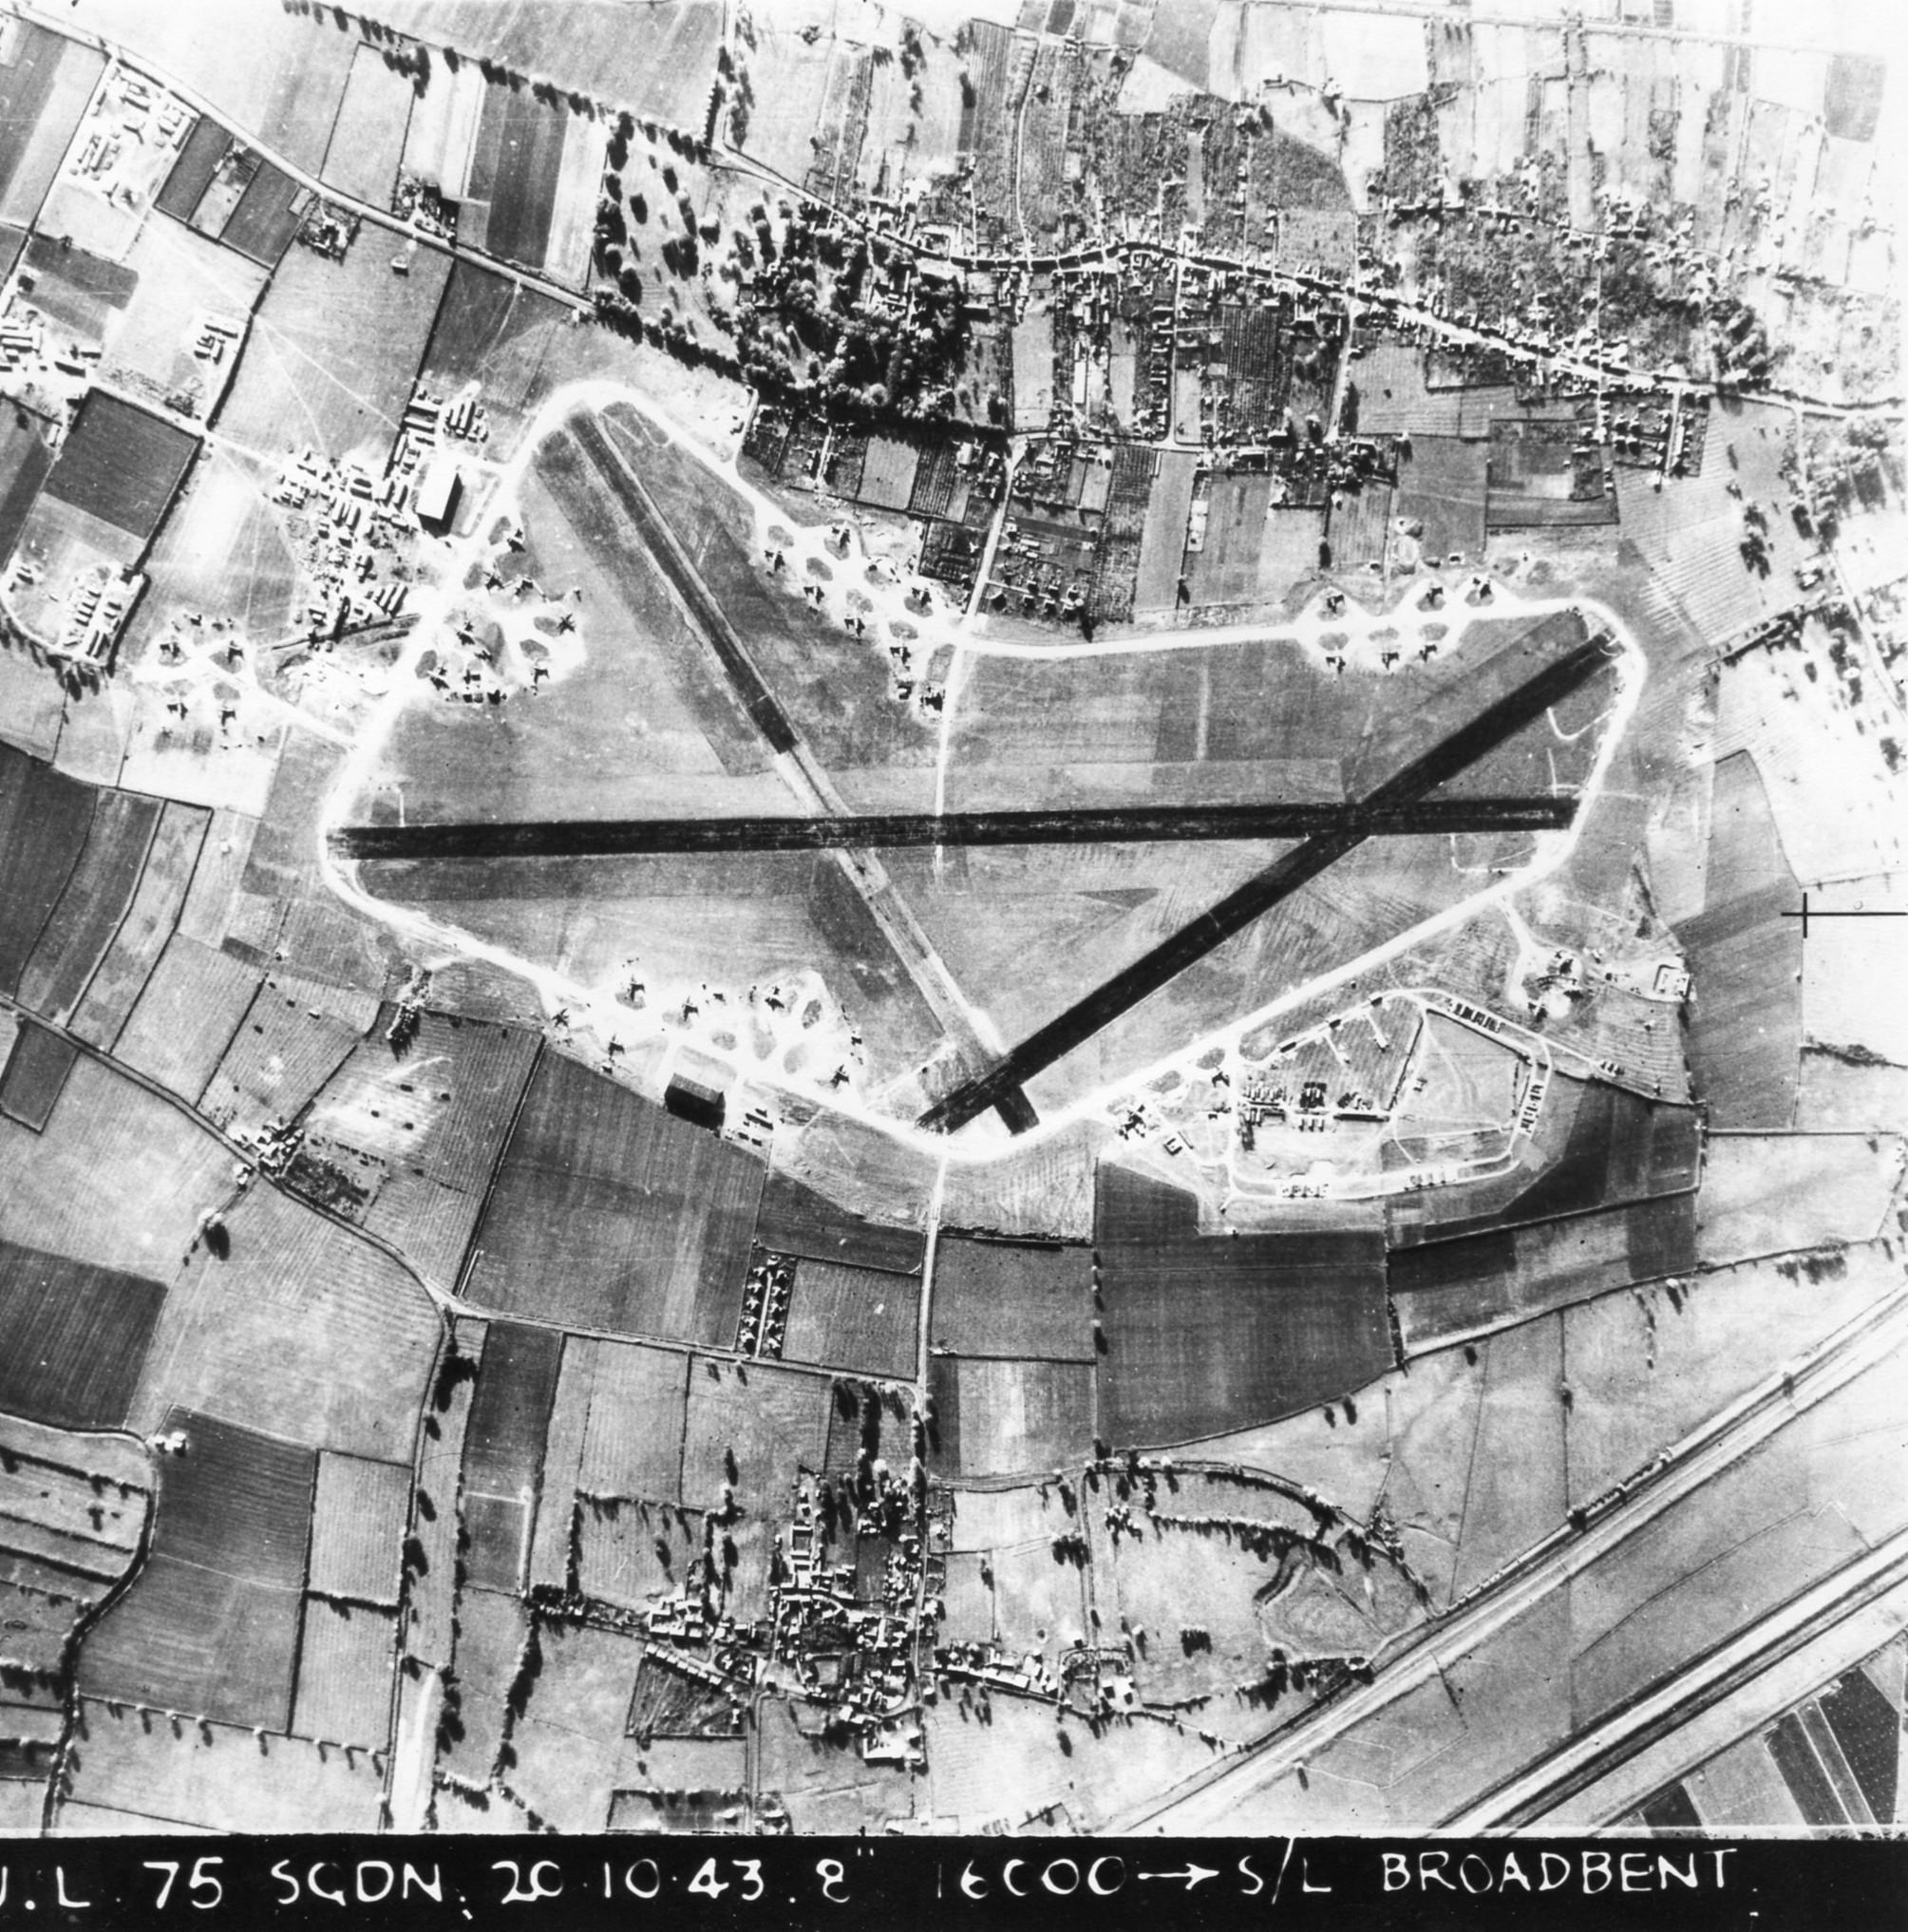 east german invasion of west berlin